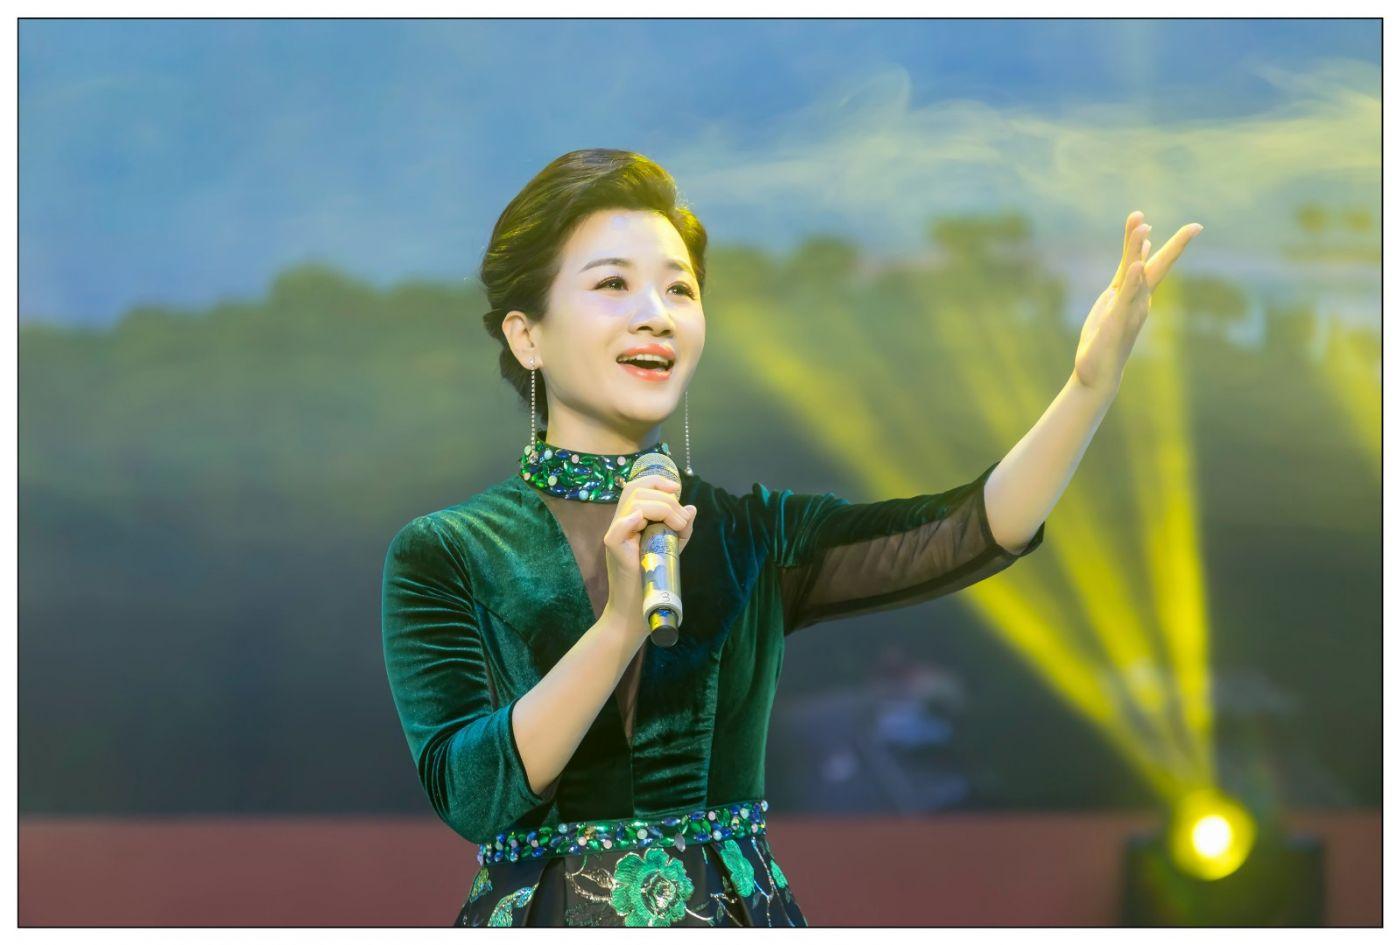 又见星光大道冠军歌手张海军 1月26央视播出 将自己唱哭的歌手 ..._图1-26